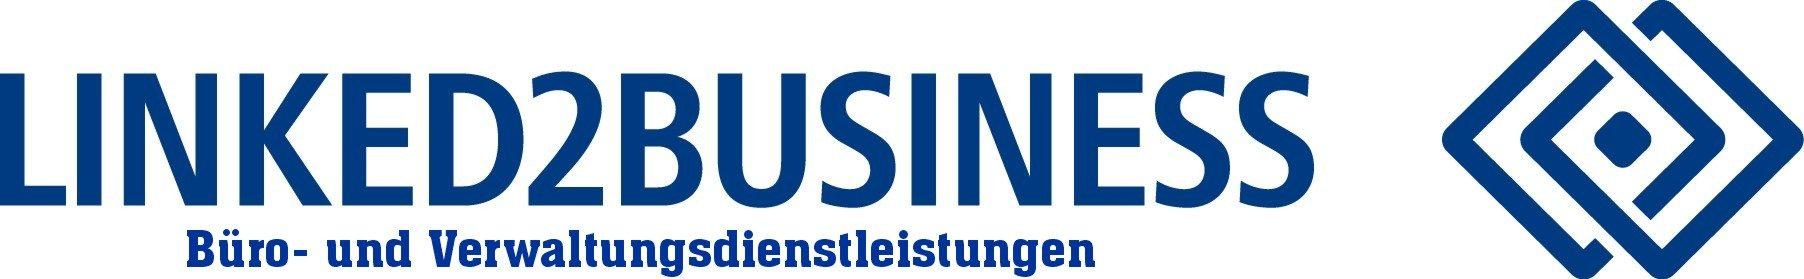 Linked2Business Büro- und Verwaltungsdienstleistungen